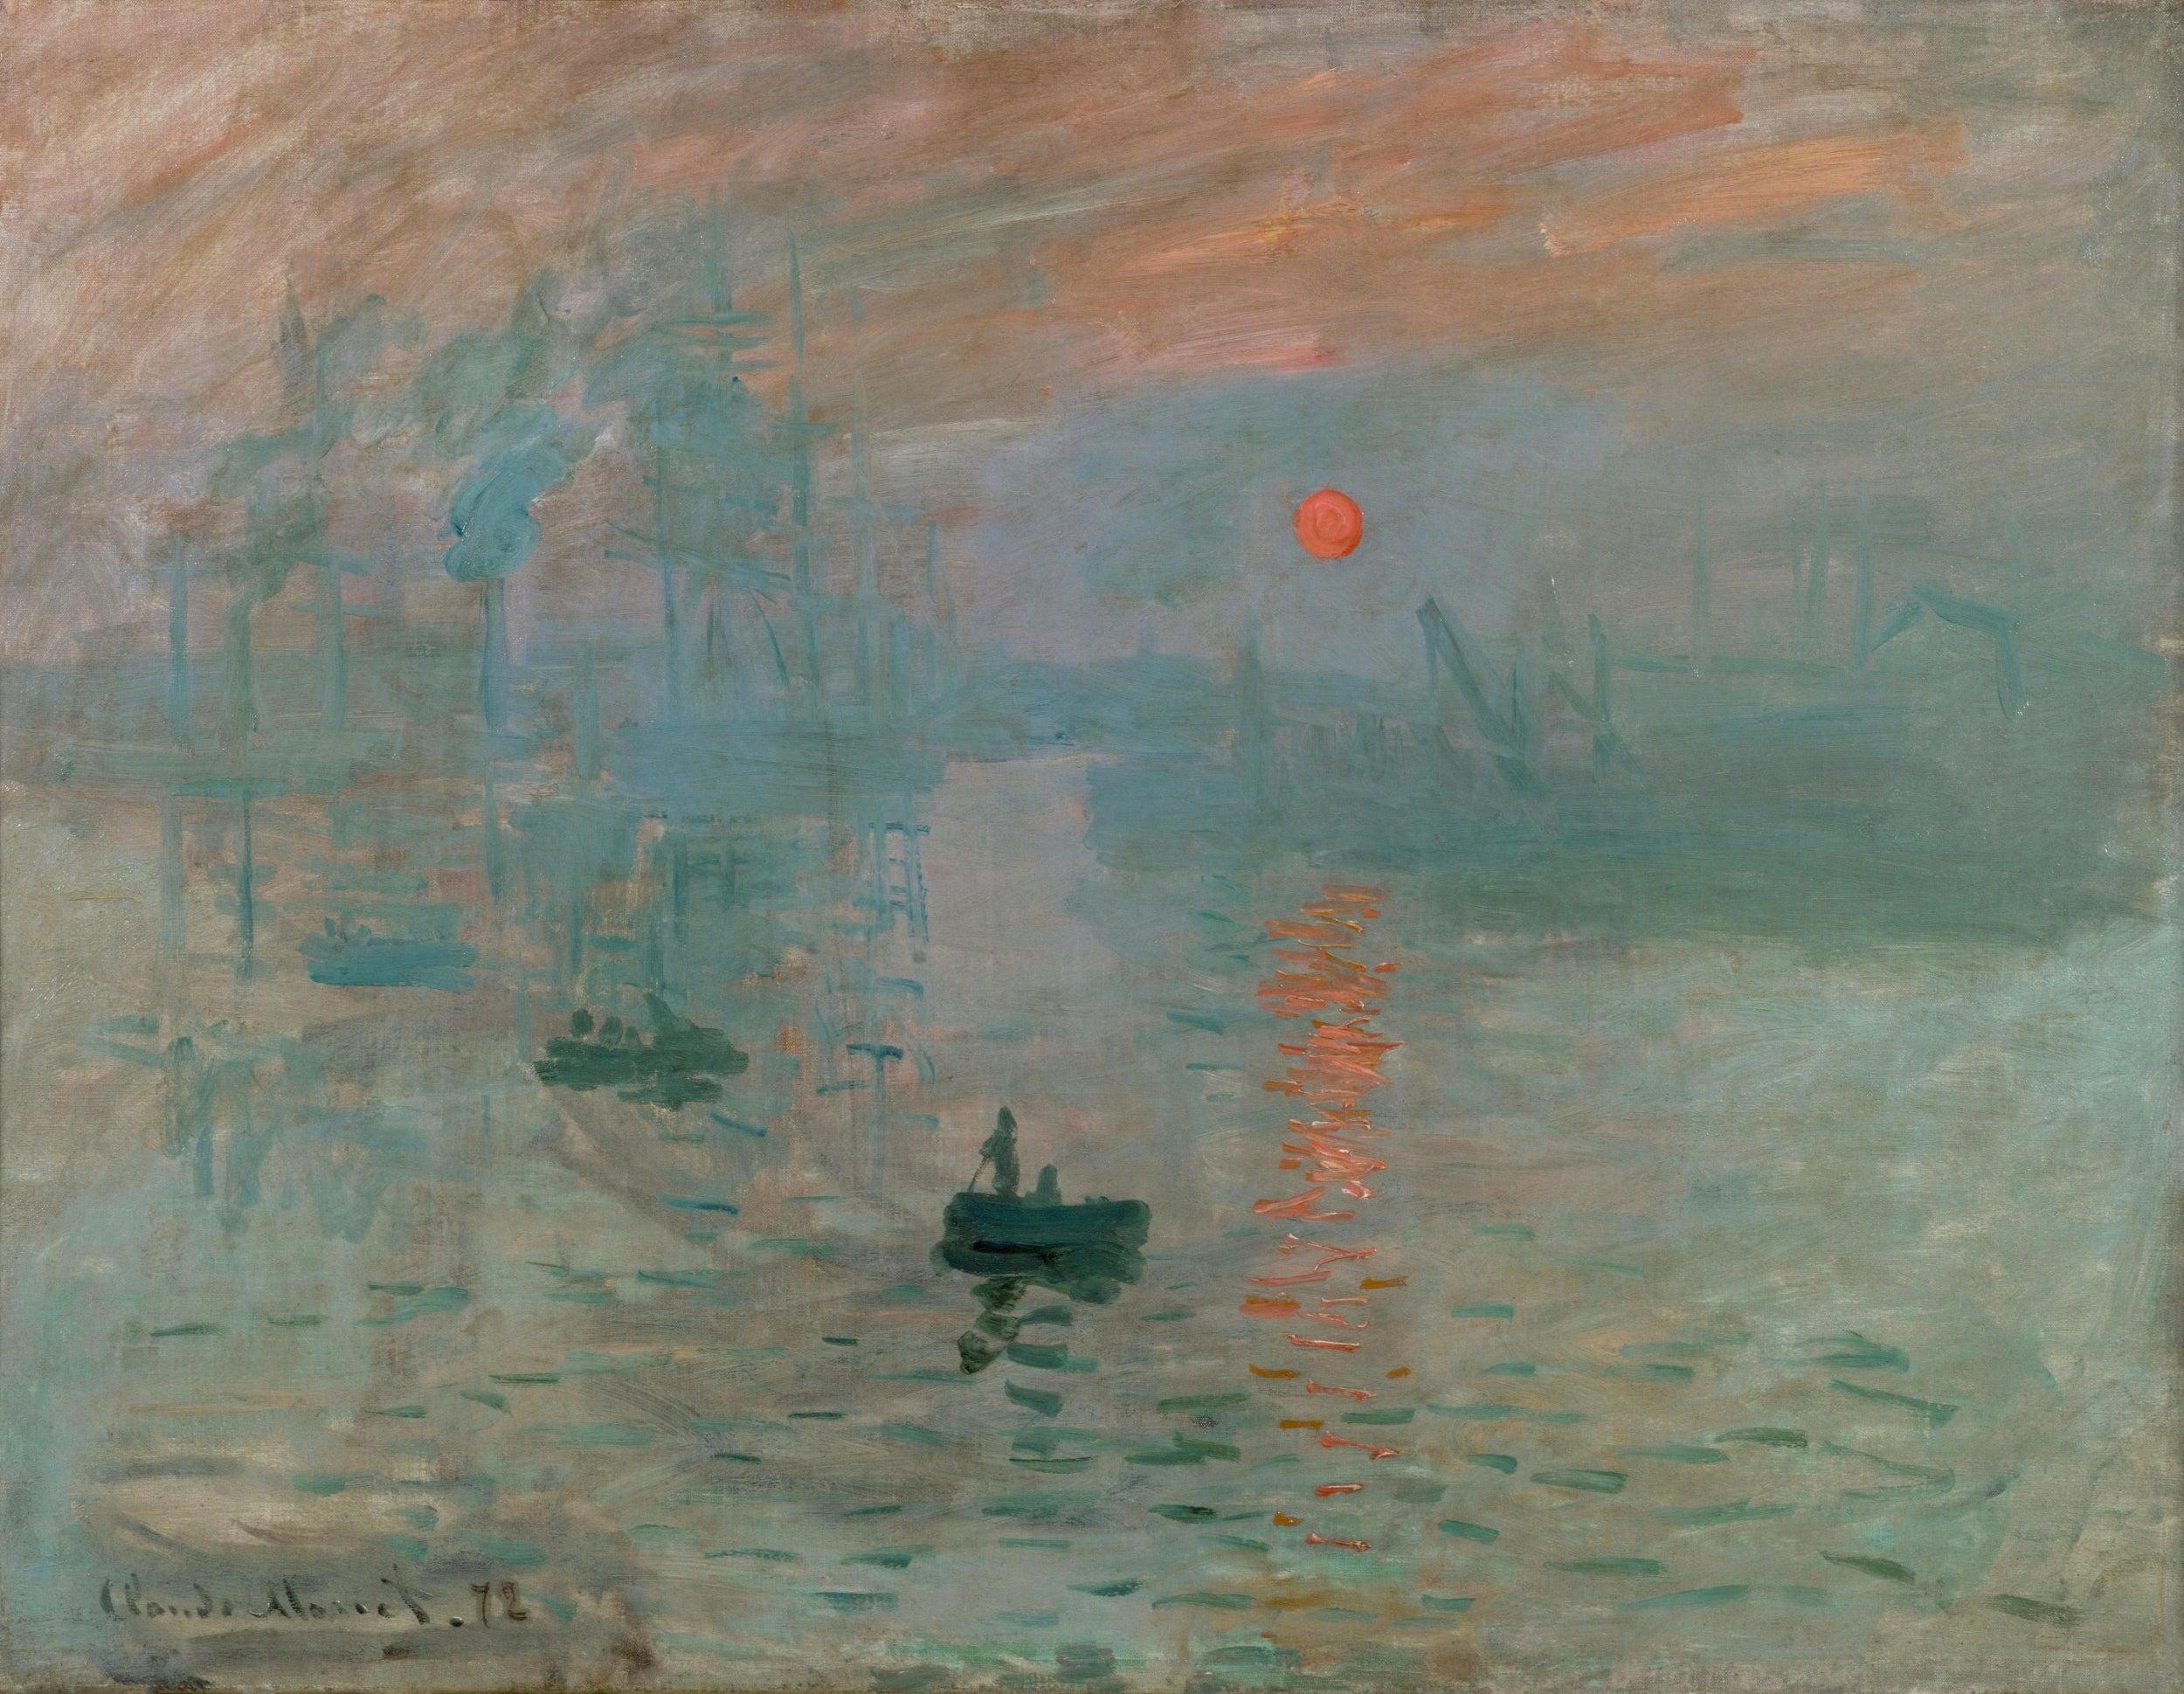 Claude Monet's Impression, Sunrise (1872) at The Musée Marmottan Monet, Paris